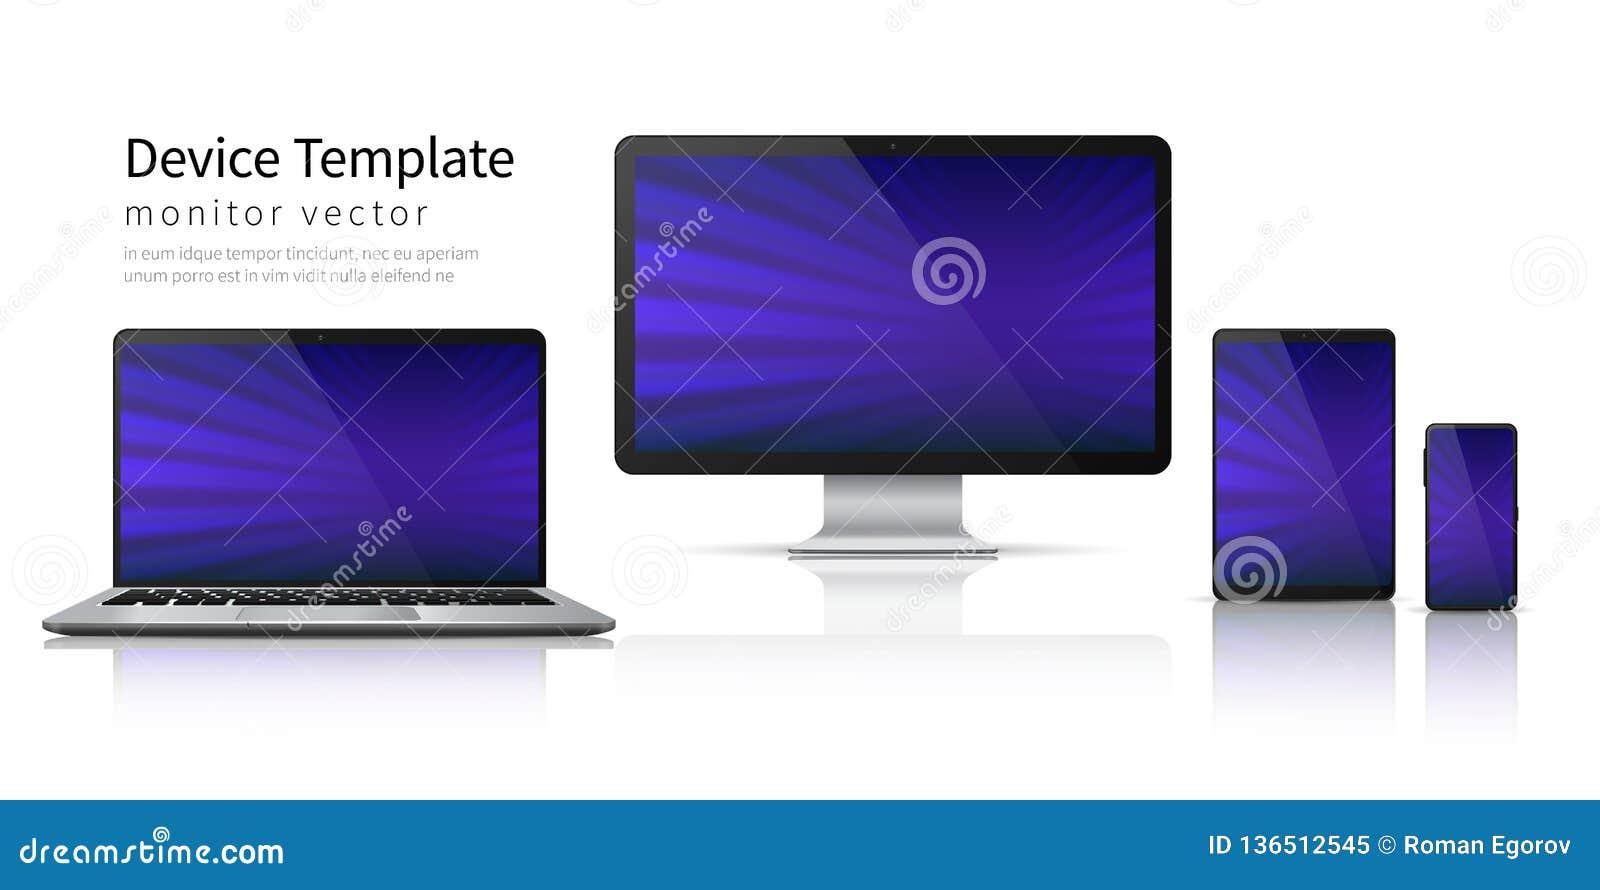 现实设备 计算机膝上型计算机片剂电话大模型,智能手机屏幕流动小配件显示 显示器设备模板